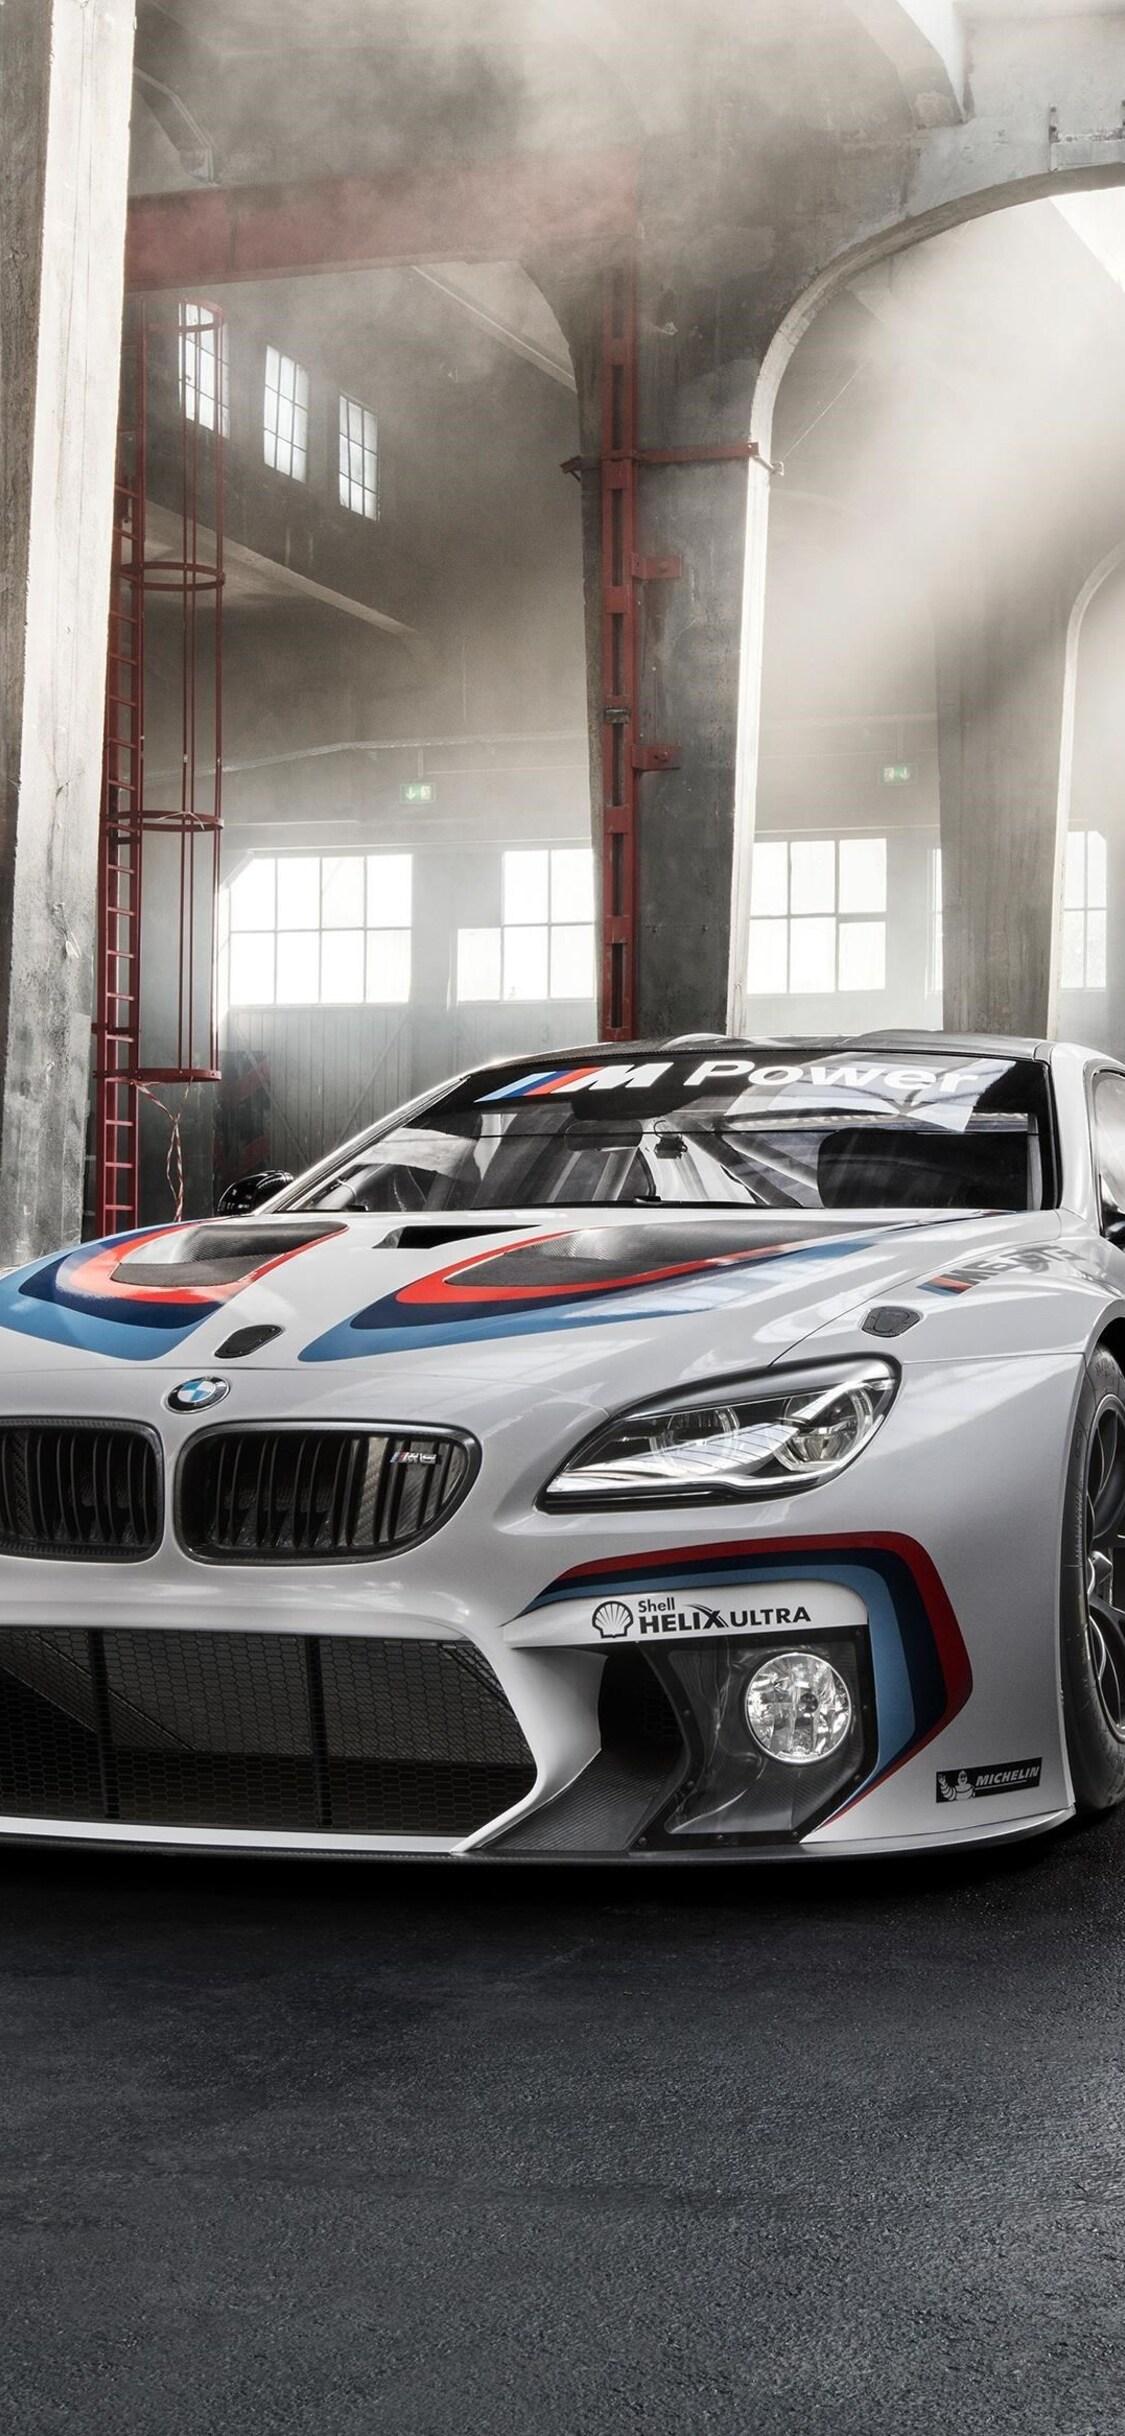 1125x2436 Bmw M6 Racing Car Iphone Xs Iphone 10 Iphone X Hd 4k